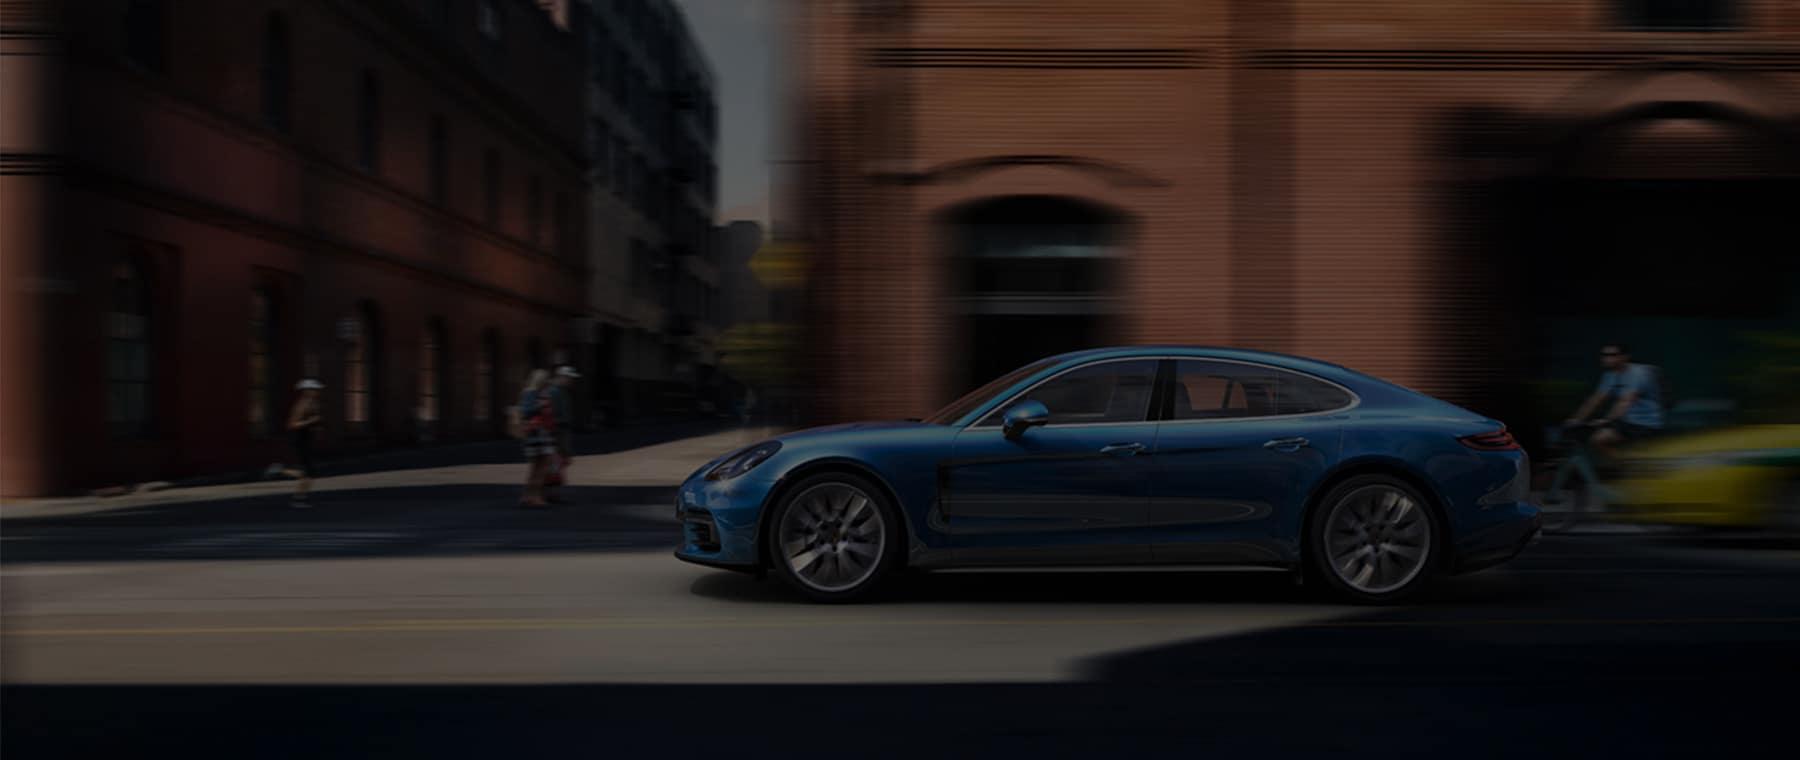 Rusnak/Pasadena Porsche mobile